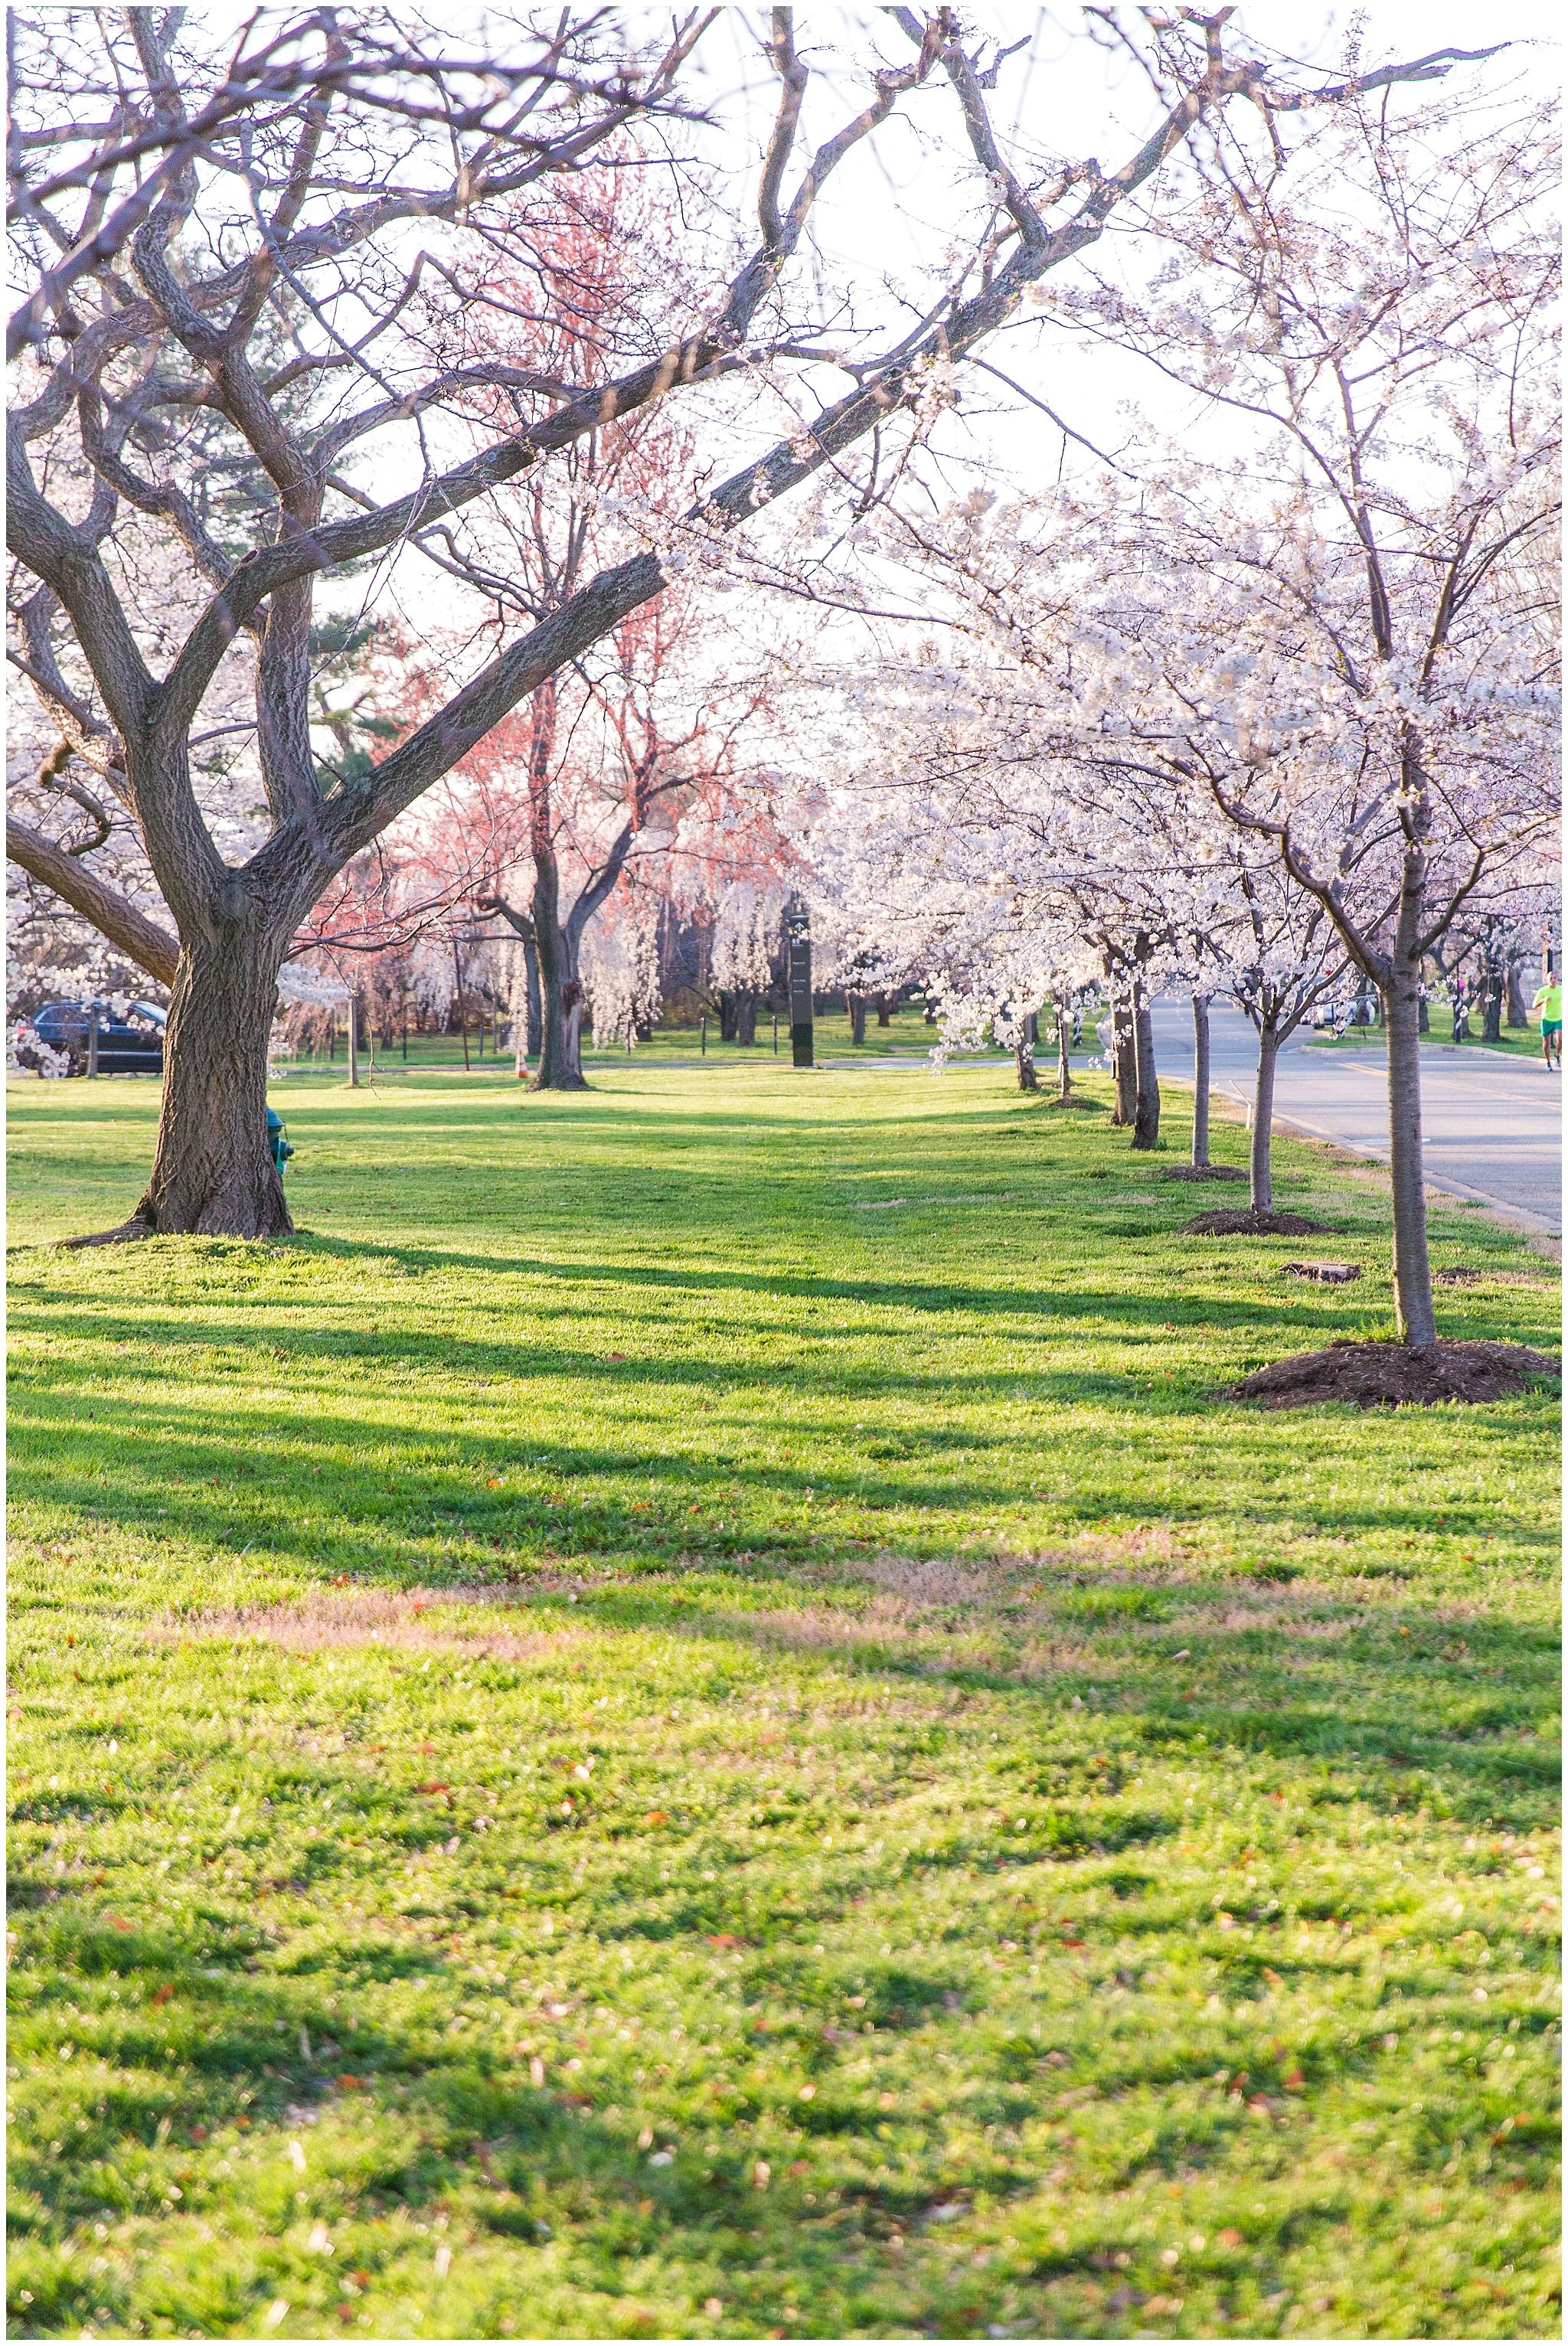 cherryblossom_washingtondc_spring_pink_0058.jpg